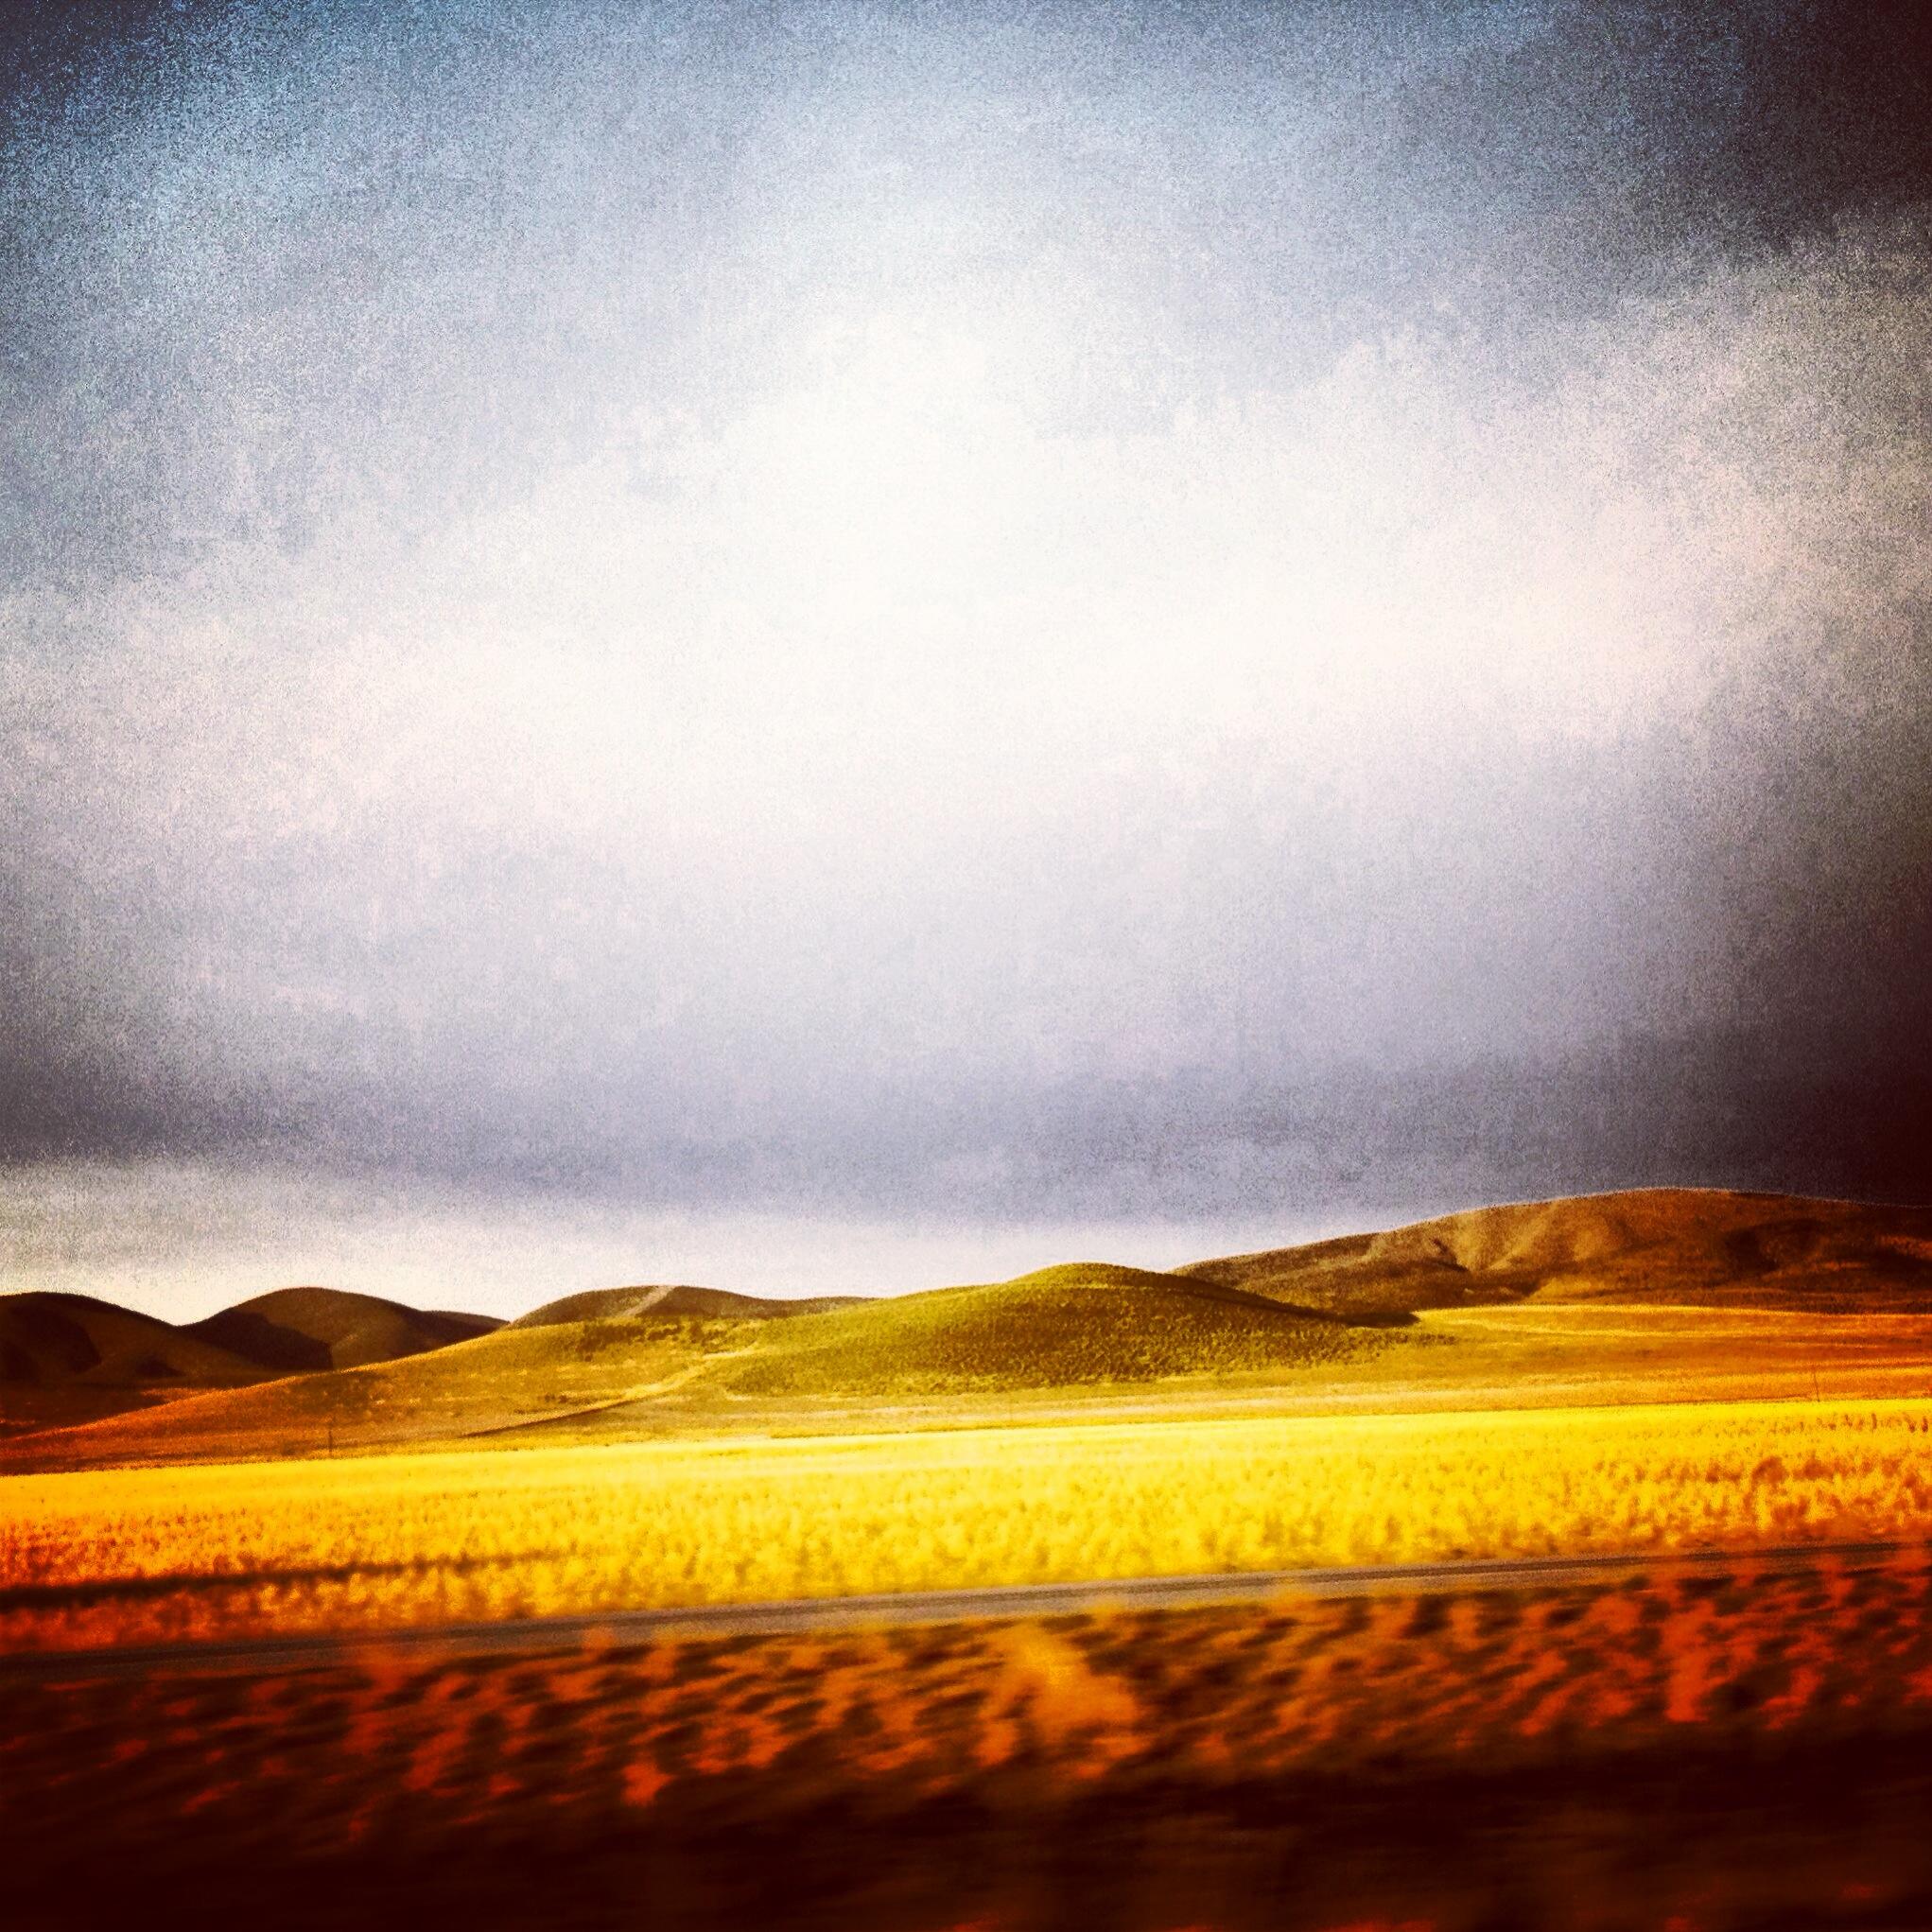 Fire | Sun Valley | 2014